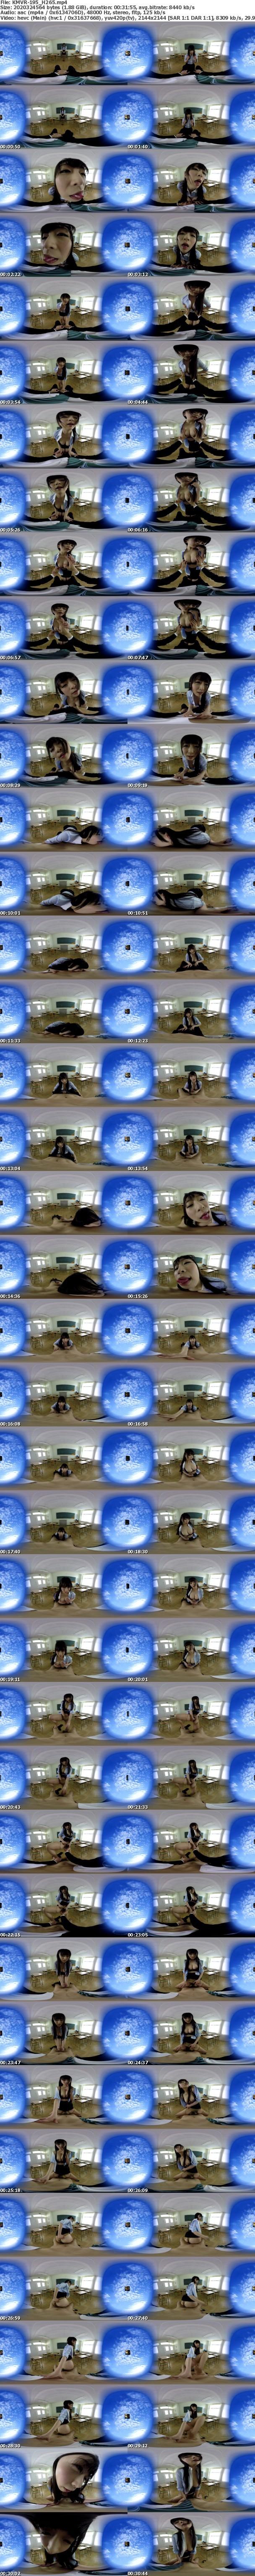 VR/3D KMVR-195 【VR】羽月希 生中出しスペシャル!! VRだから本当にセックスしてるみたいでしょ【女教師コスプレ編】